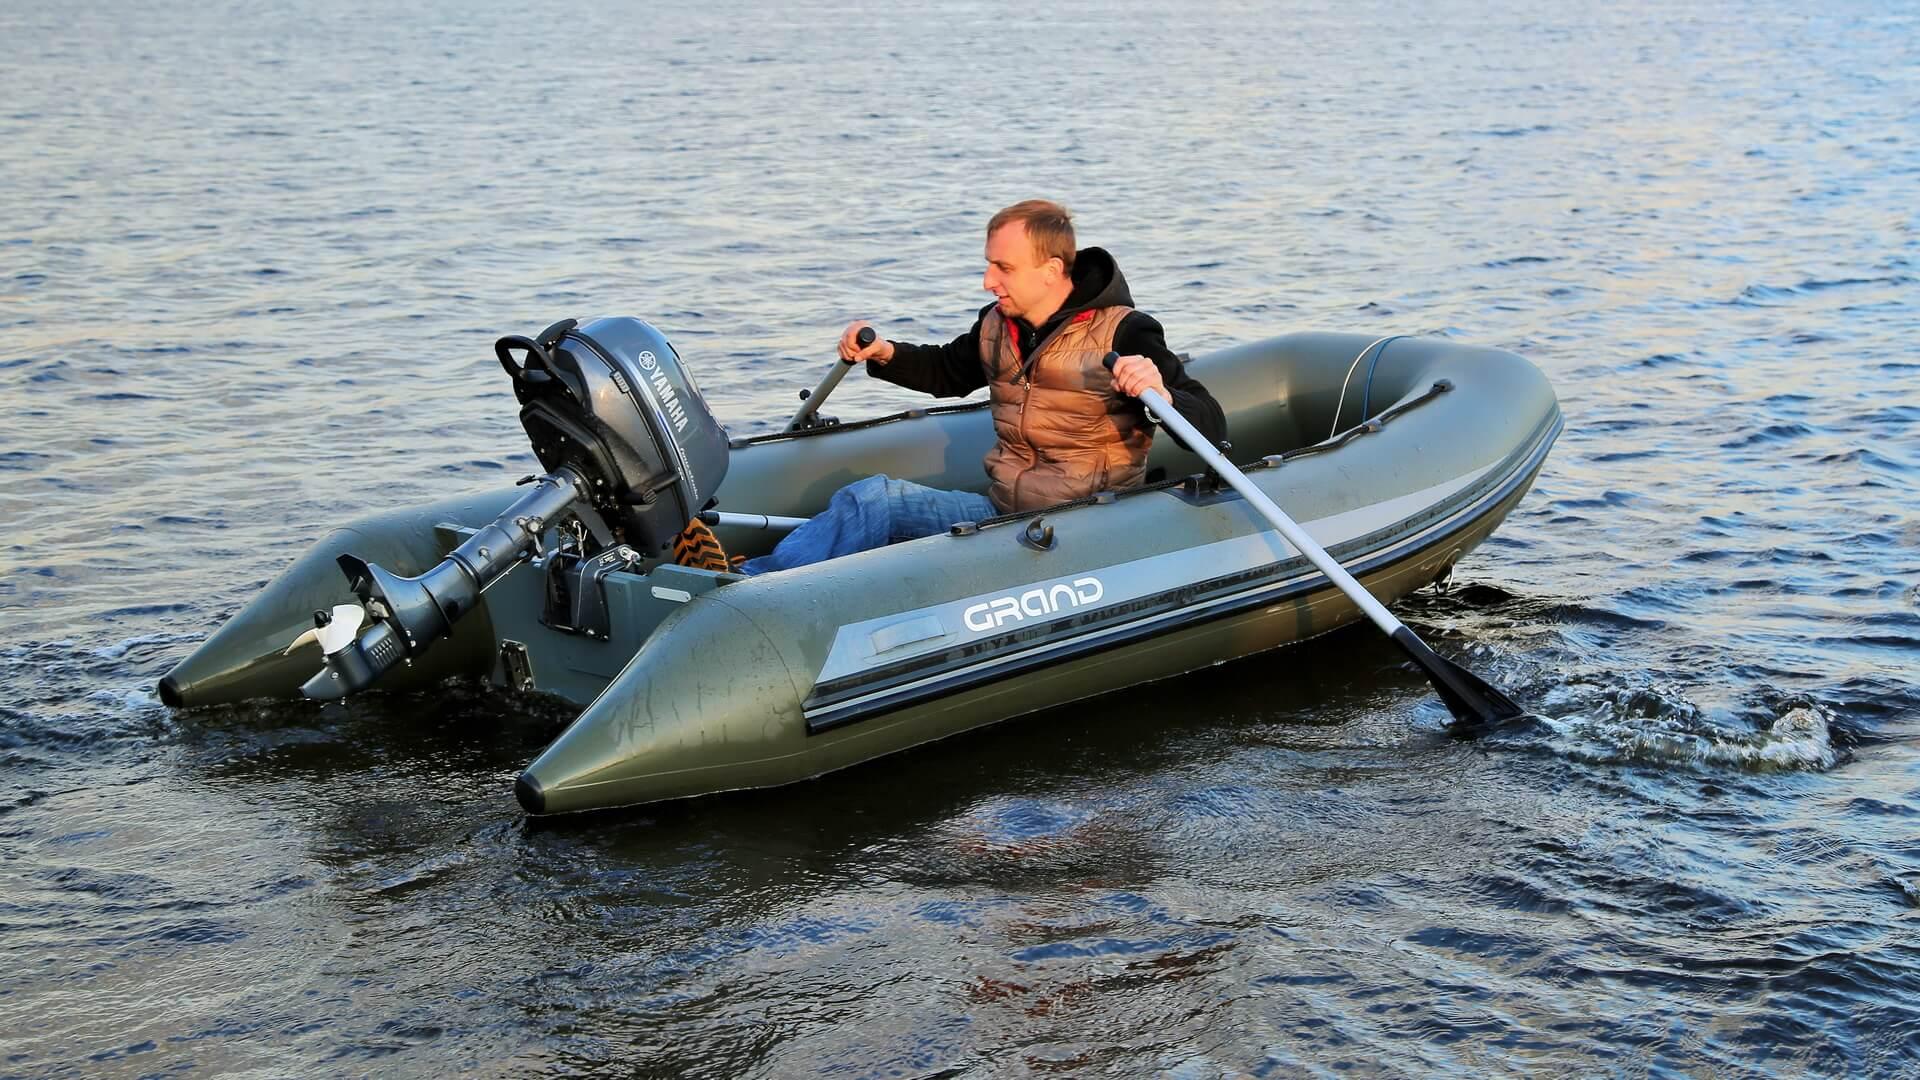 GРазборная лодка, лодка, надувная лодка, купить лодку, купить надувную лодку, лодка олх, лодка olx